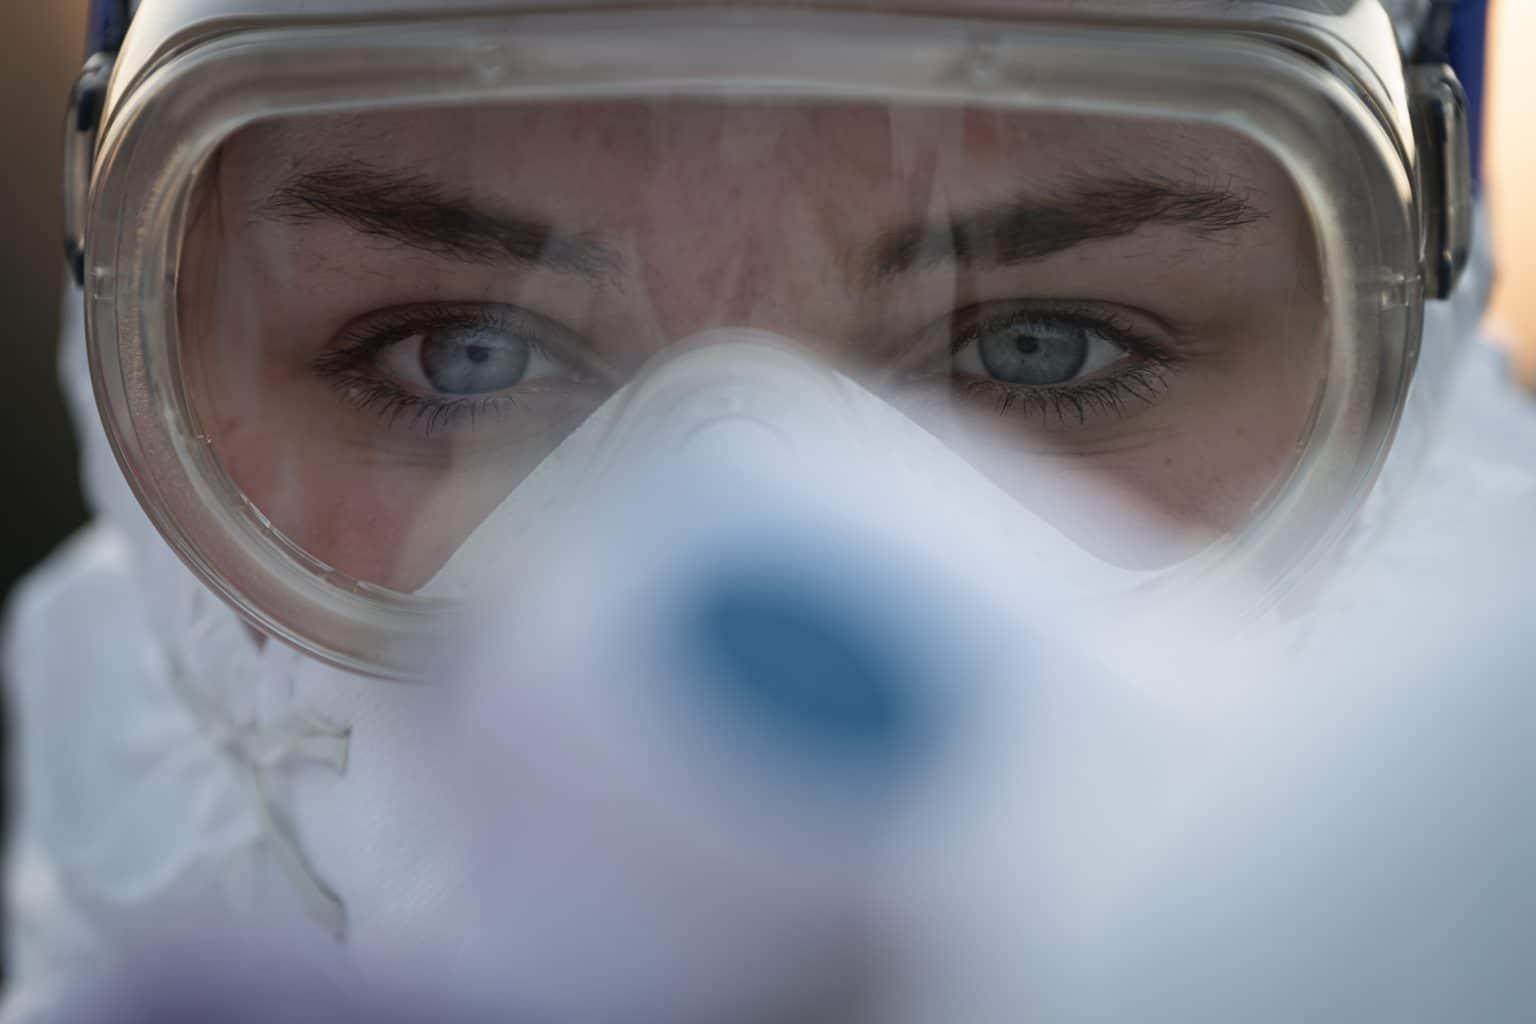 Coronavírus mata 18.440 em todo o mundo, diz OMS